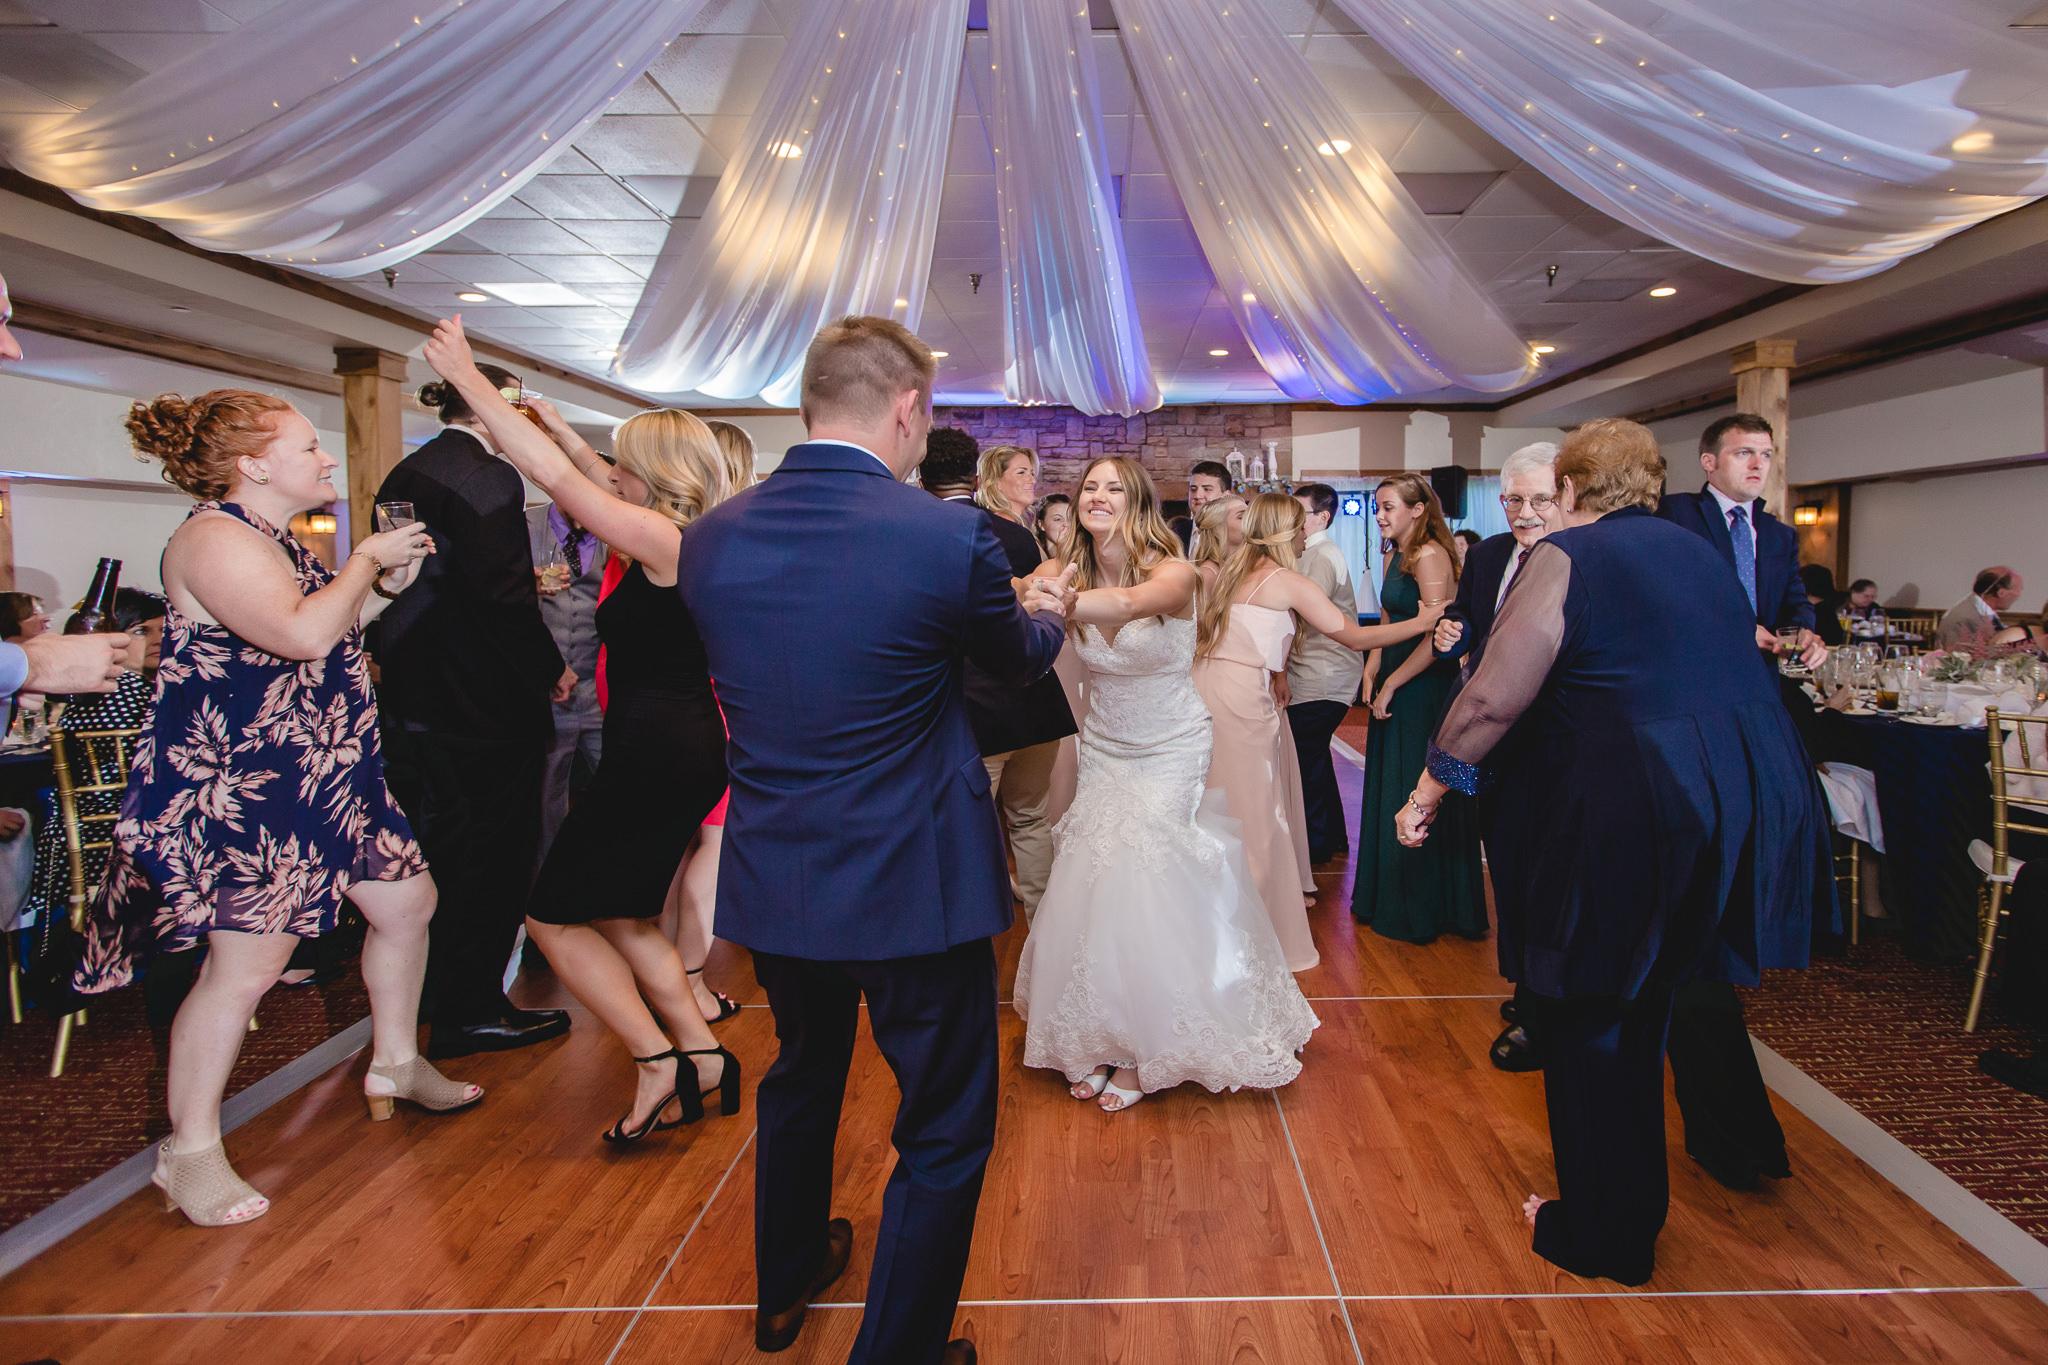 Packed dance floor at Hidden Valley Resort